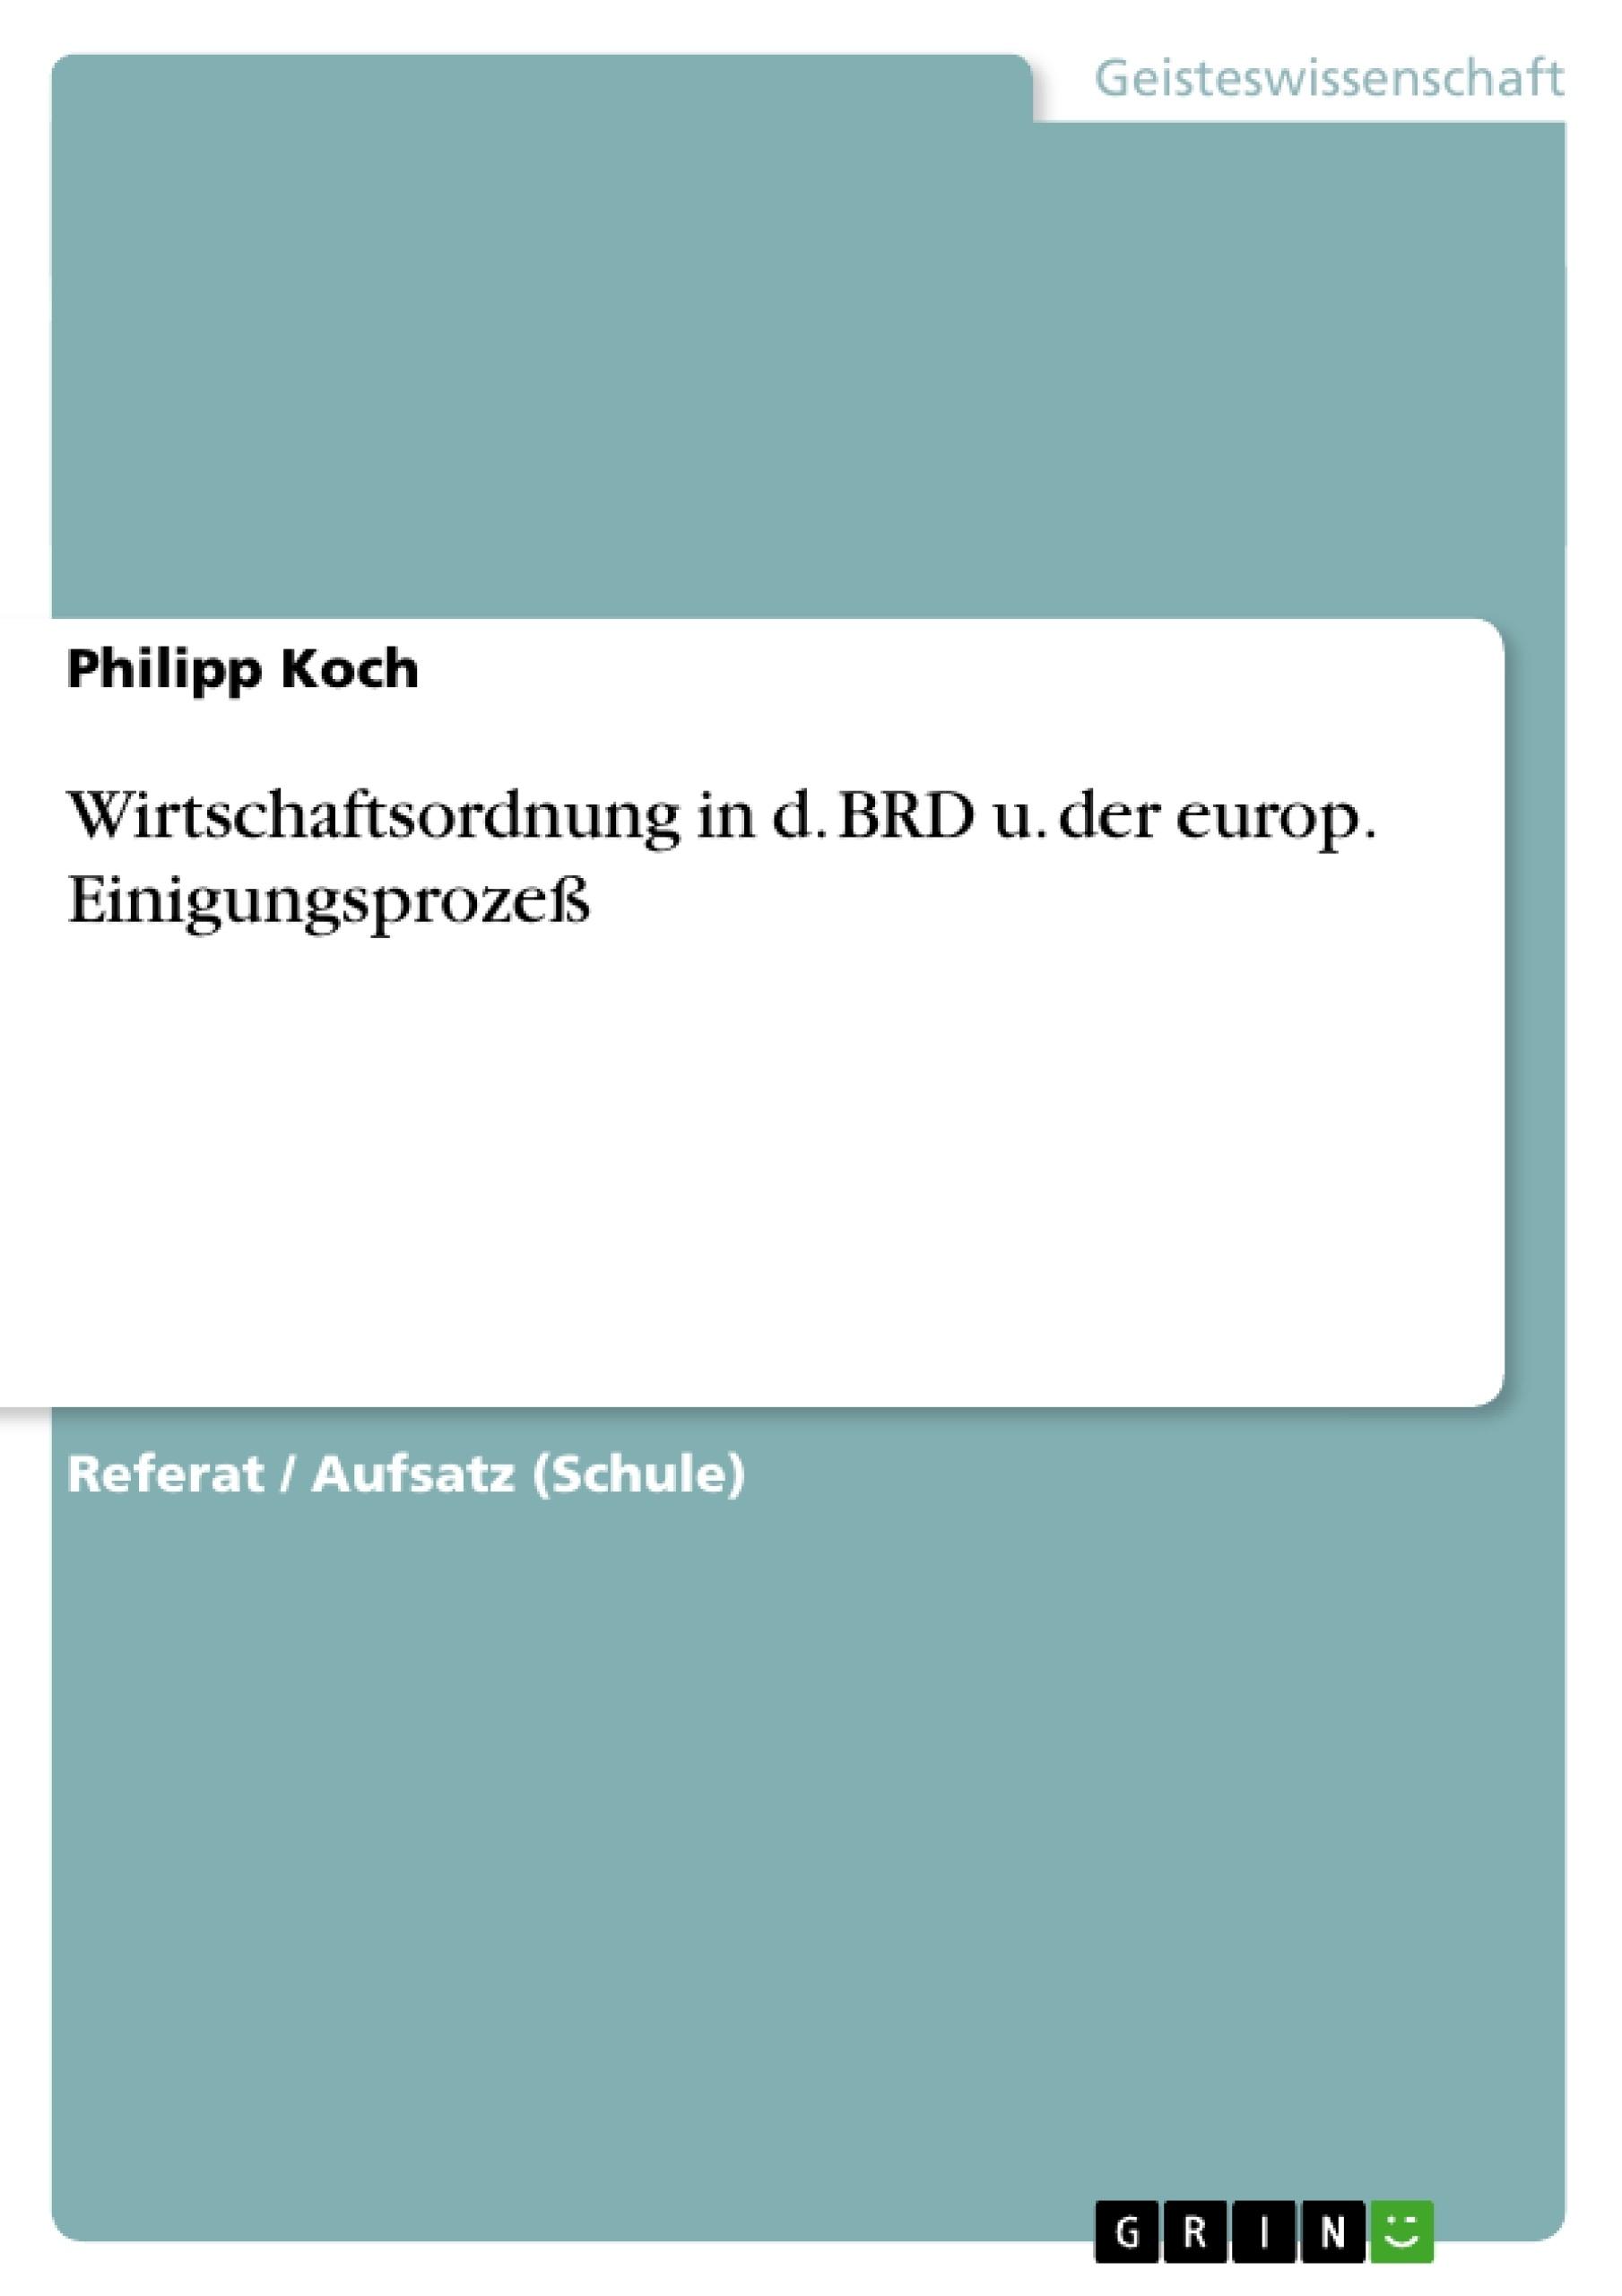 Titel: Wirtschaftsordnung in d. BRD u. der europ. Einigungsprozeß